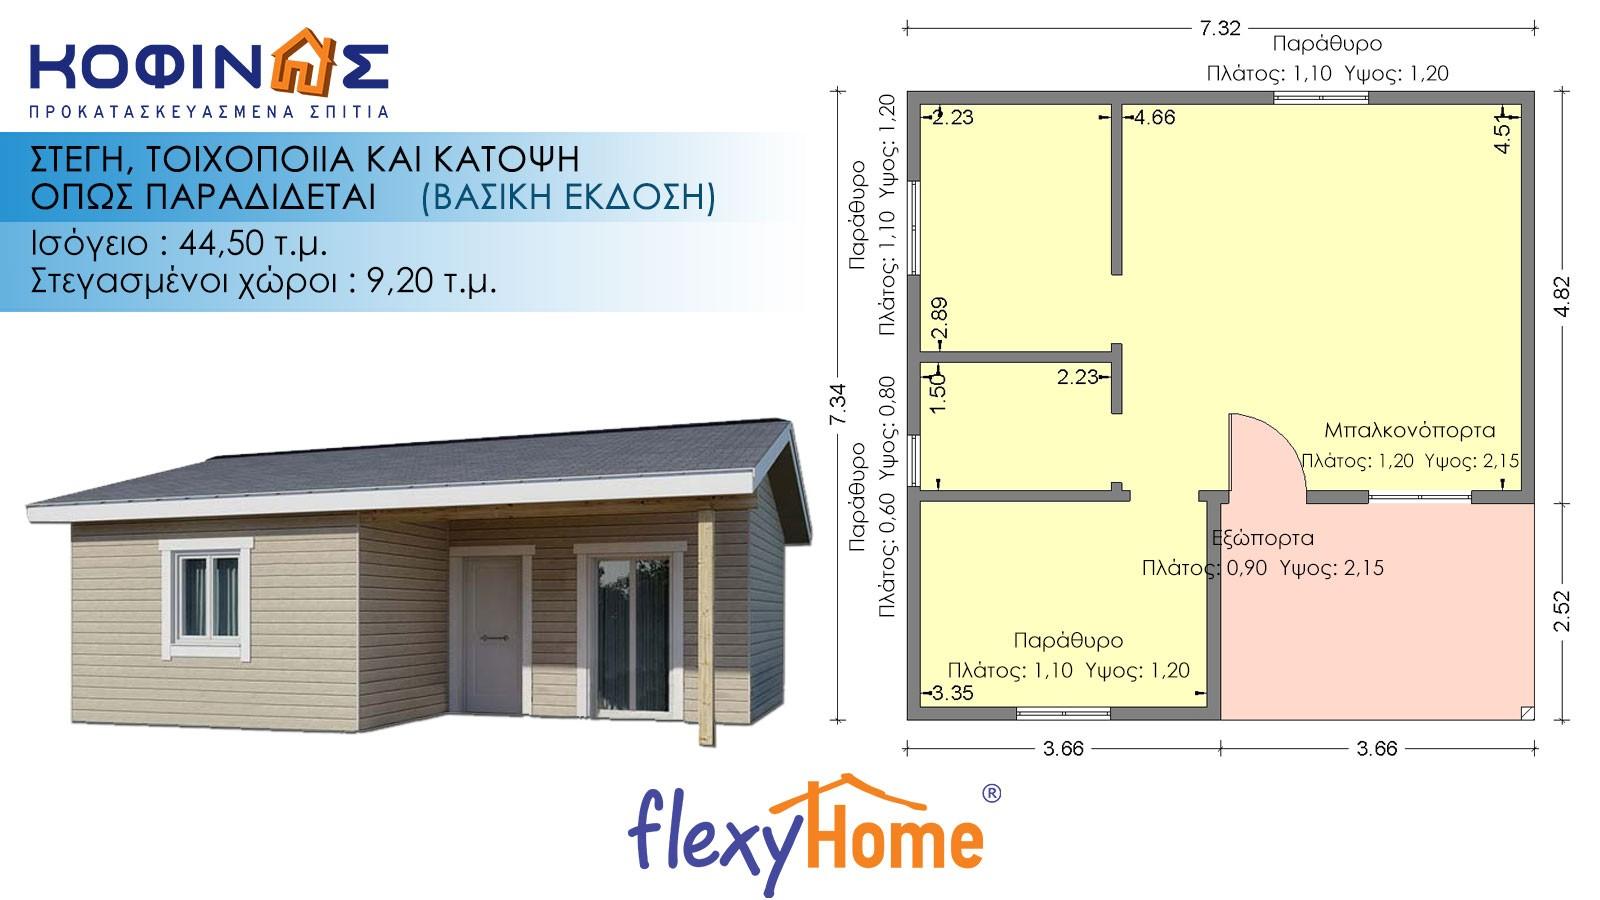 Ισόγεια flexyhome Κατοικία IF-44